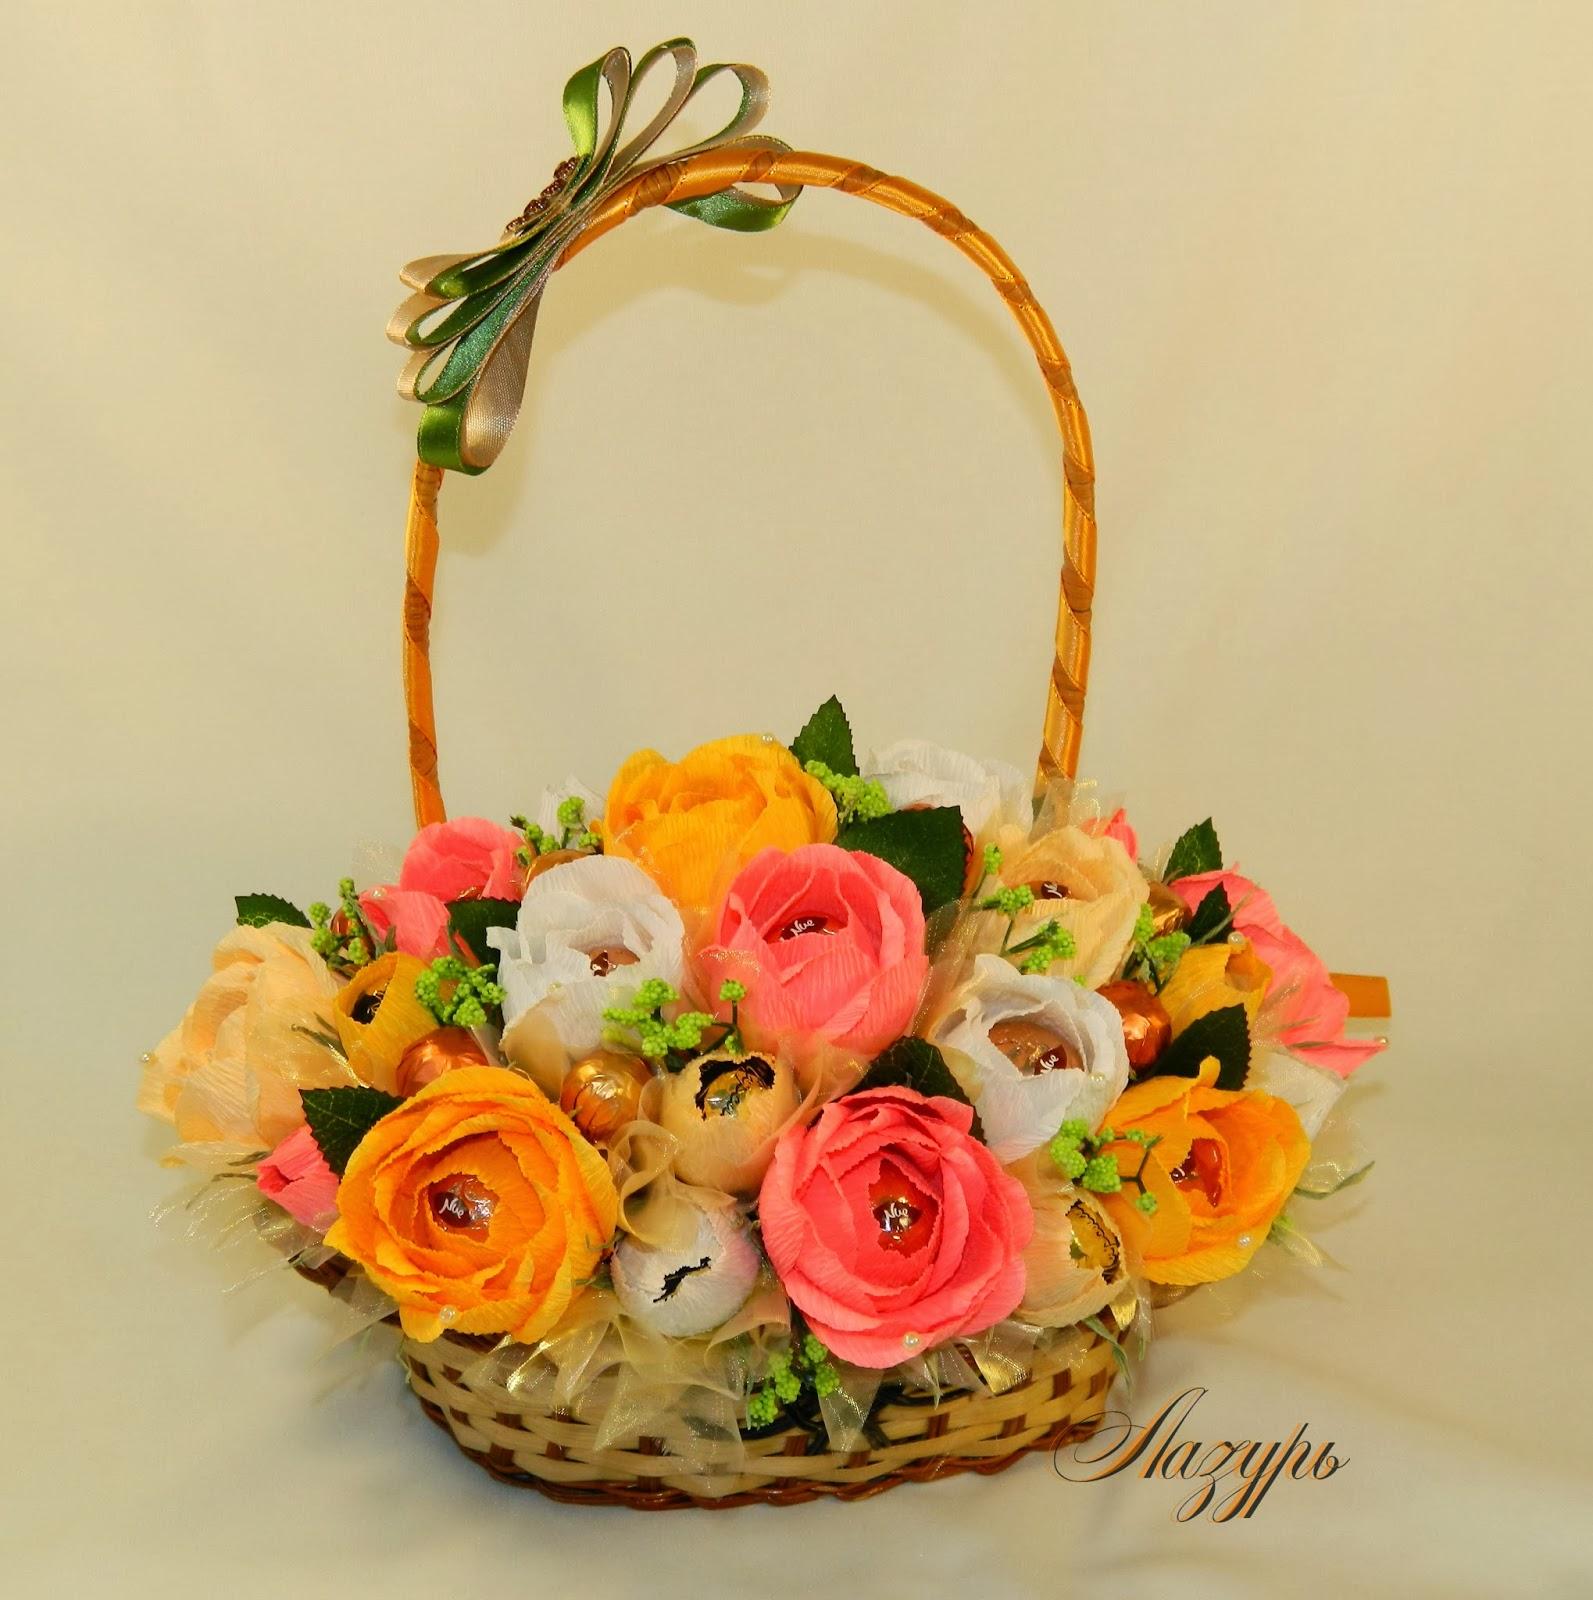 Композиция «Корзина с цветами из конфет» Мастер-класс своими руками 90